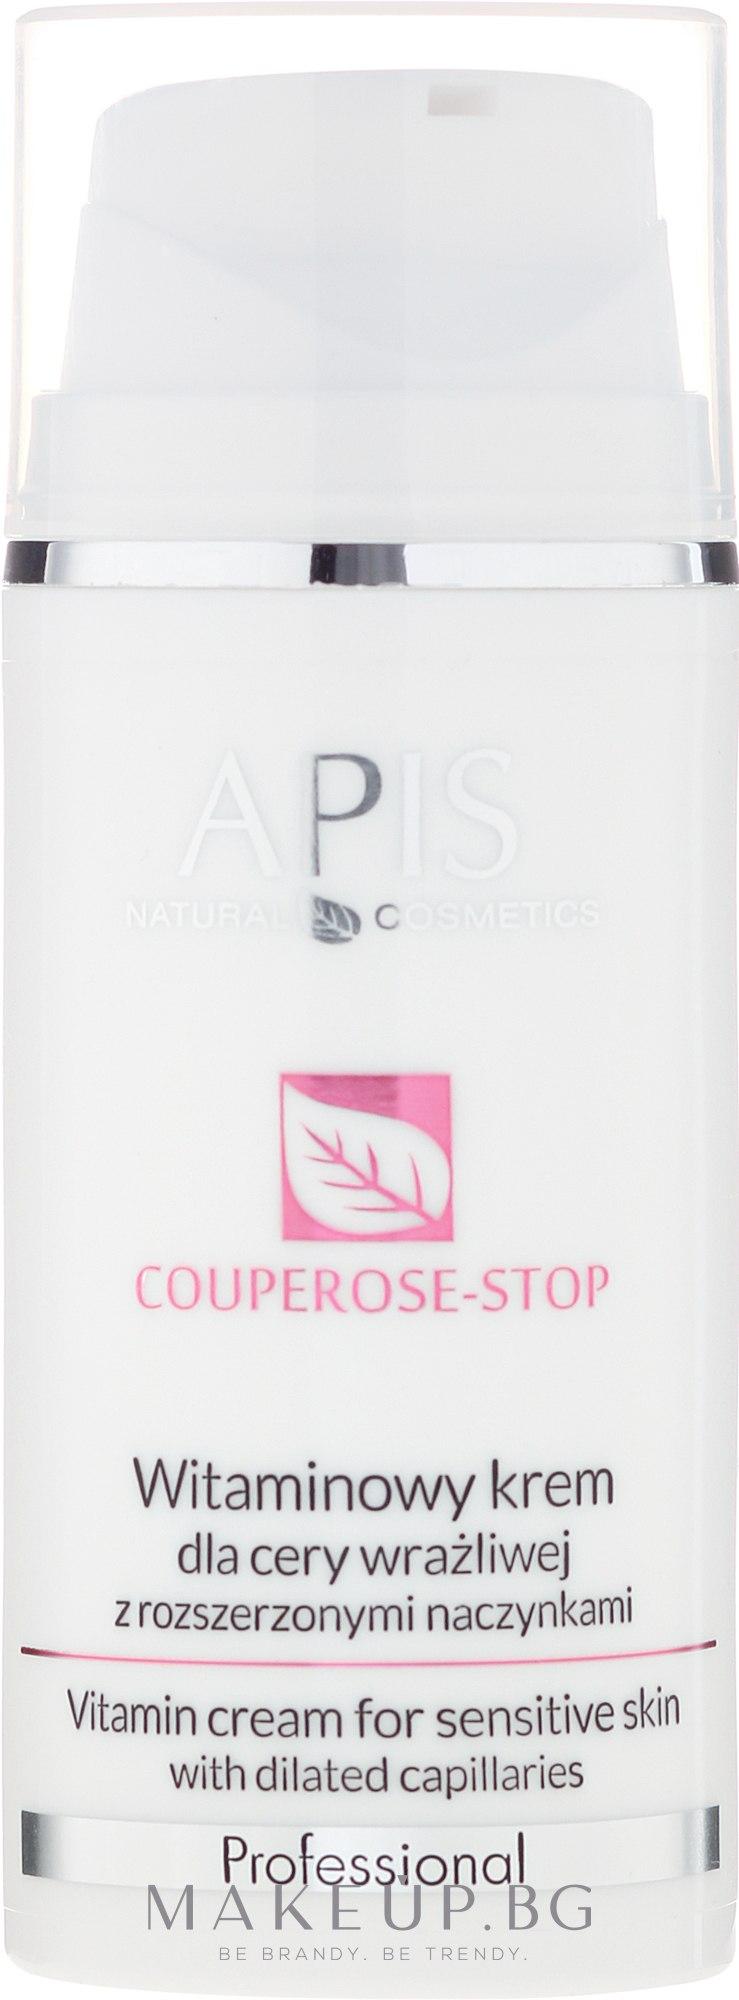 Витаминен крем за чувствителна кожа с разширени капиляри - APIS Professional Couperose-Stop Vitamin Cream — снимка 100 ml